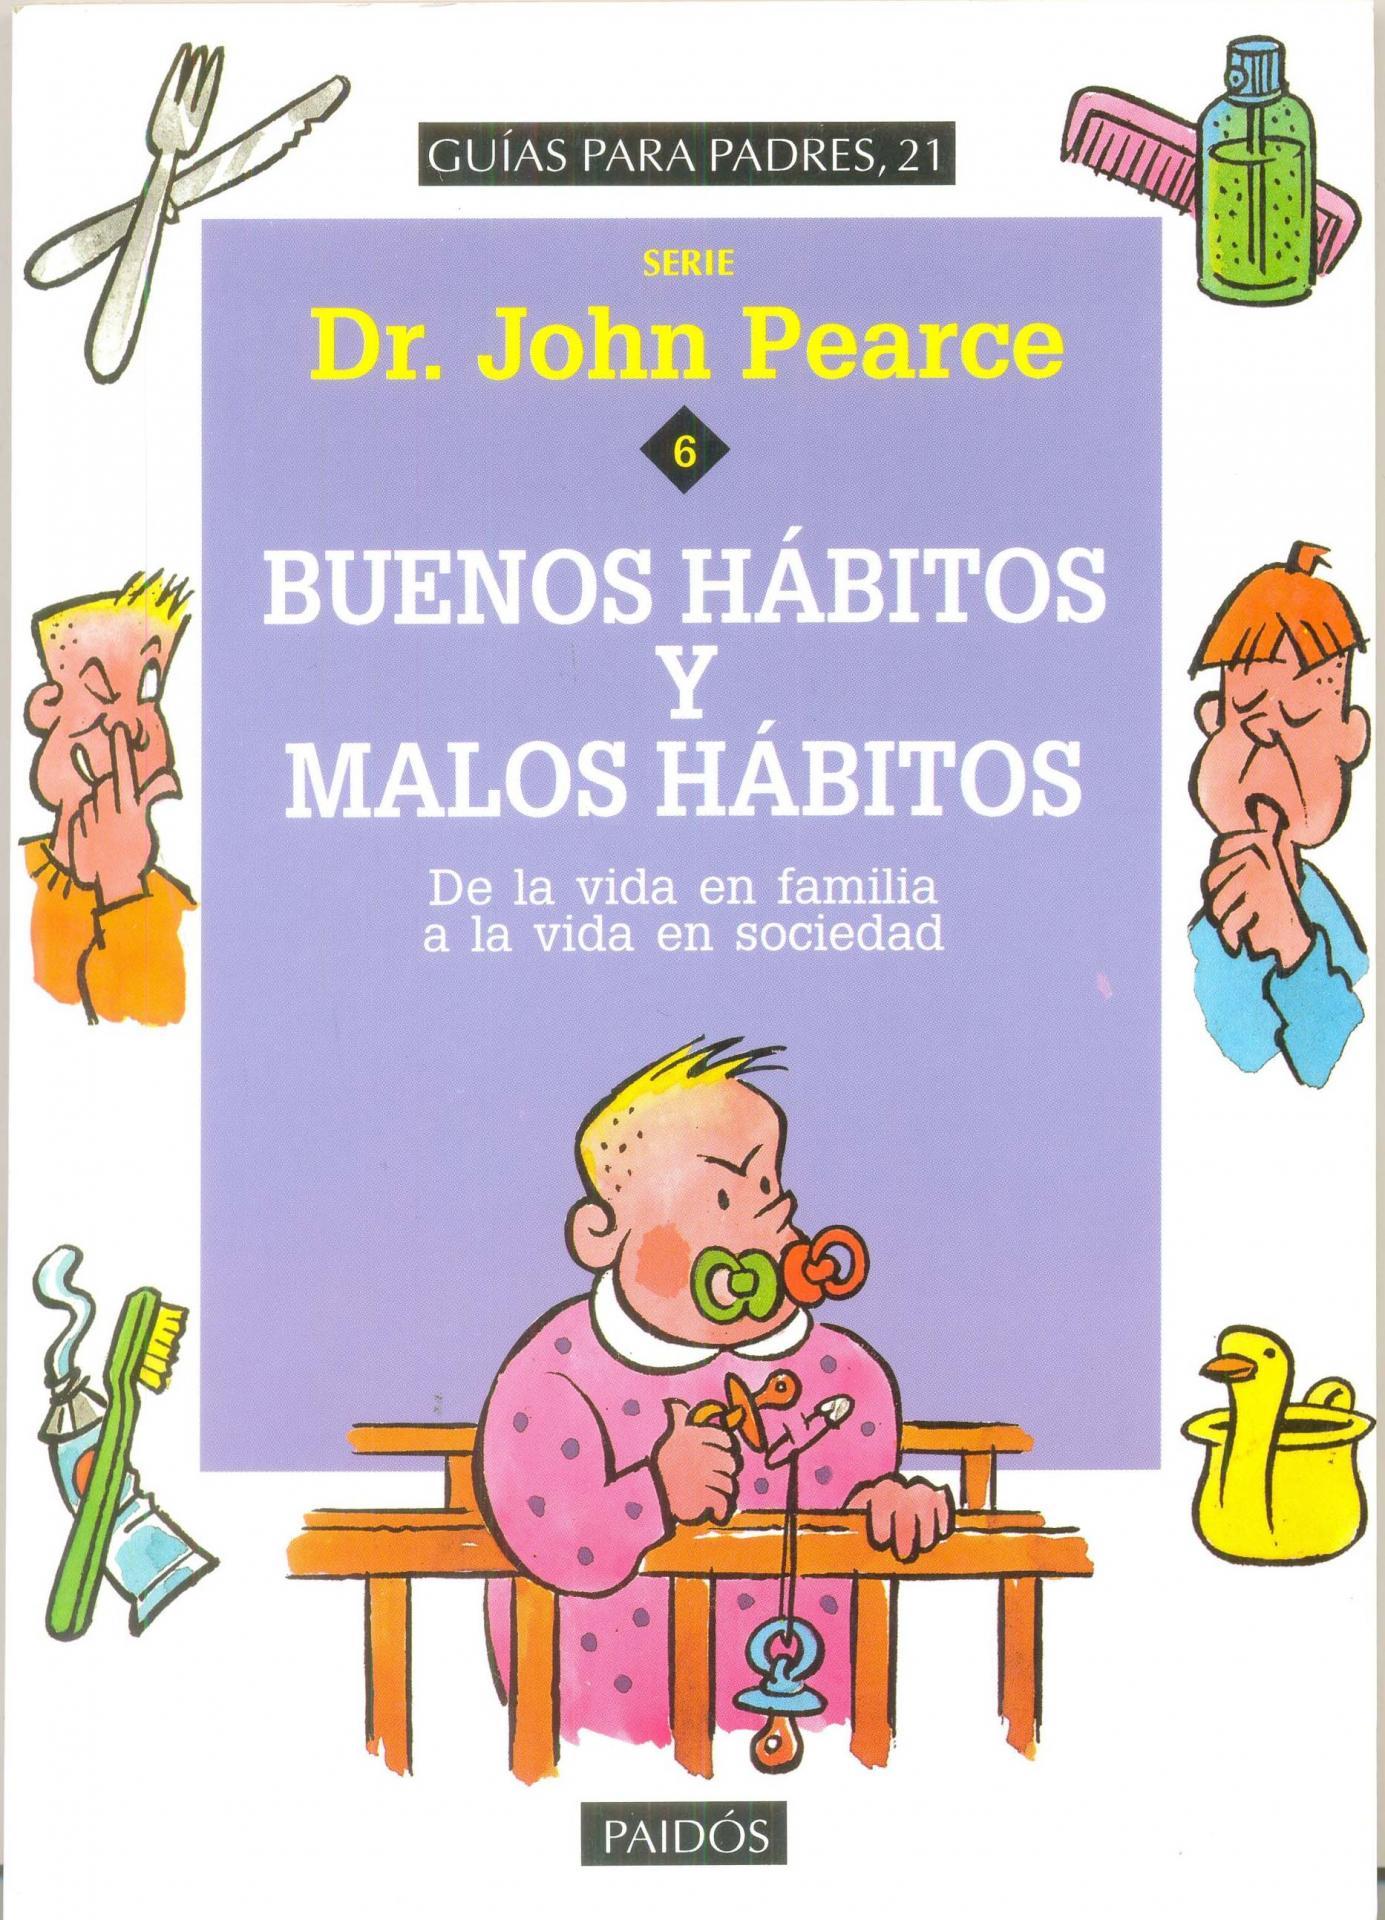 BUENOS HÁBITOS Y MALOS HÁBITOS. De la vida en familia a  la vida en sociedad. Pearce, J.